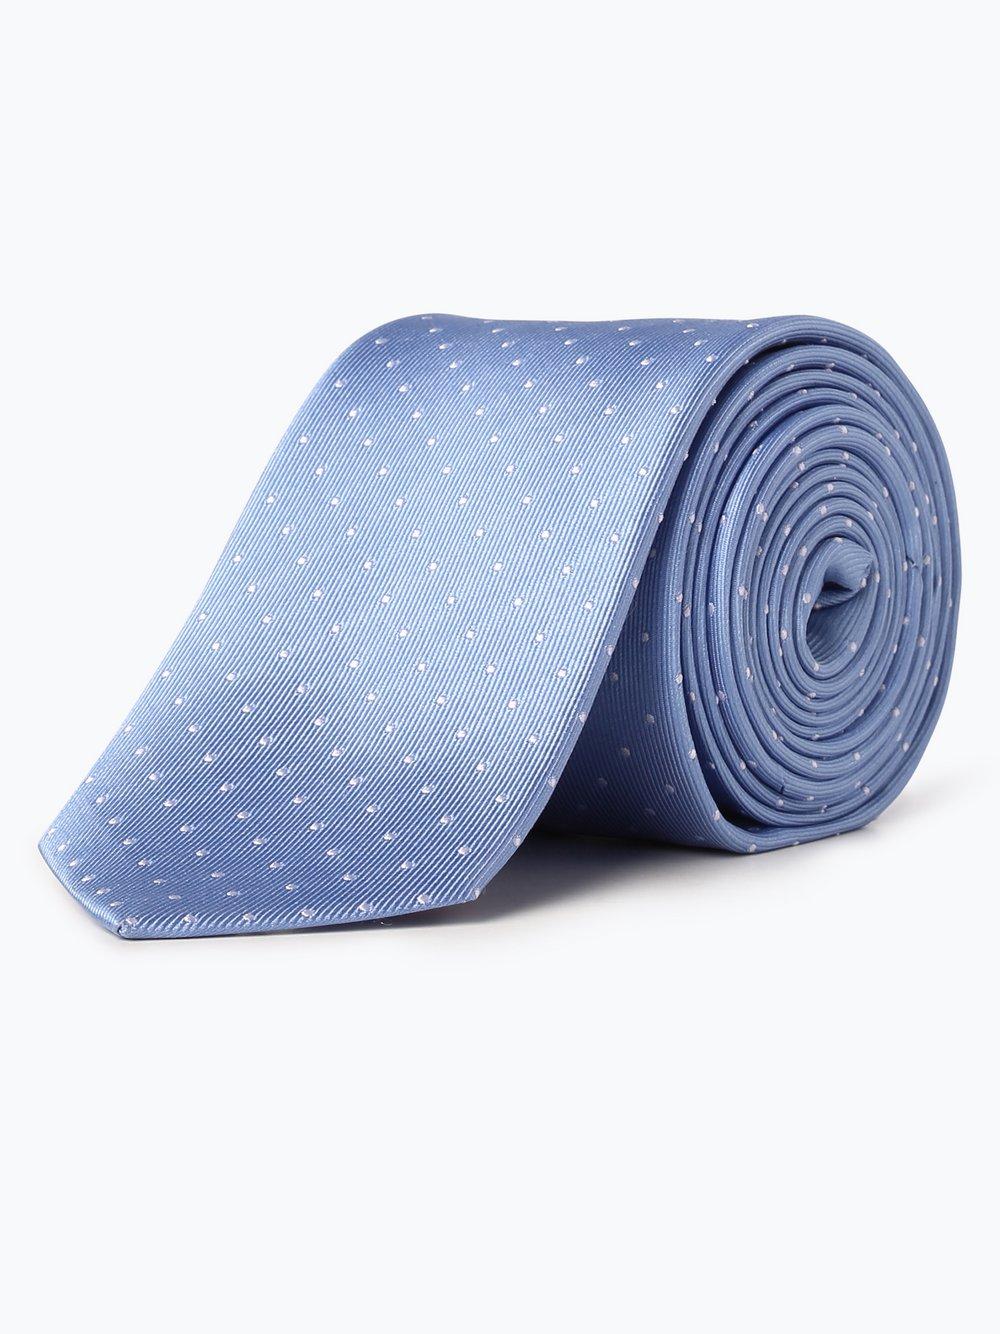 OLYMP Luxor modern Fit – Krawat jedwabny męski, niebieski Van Graaf 391732-0006-00000